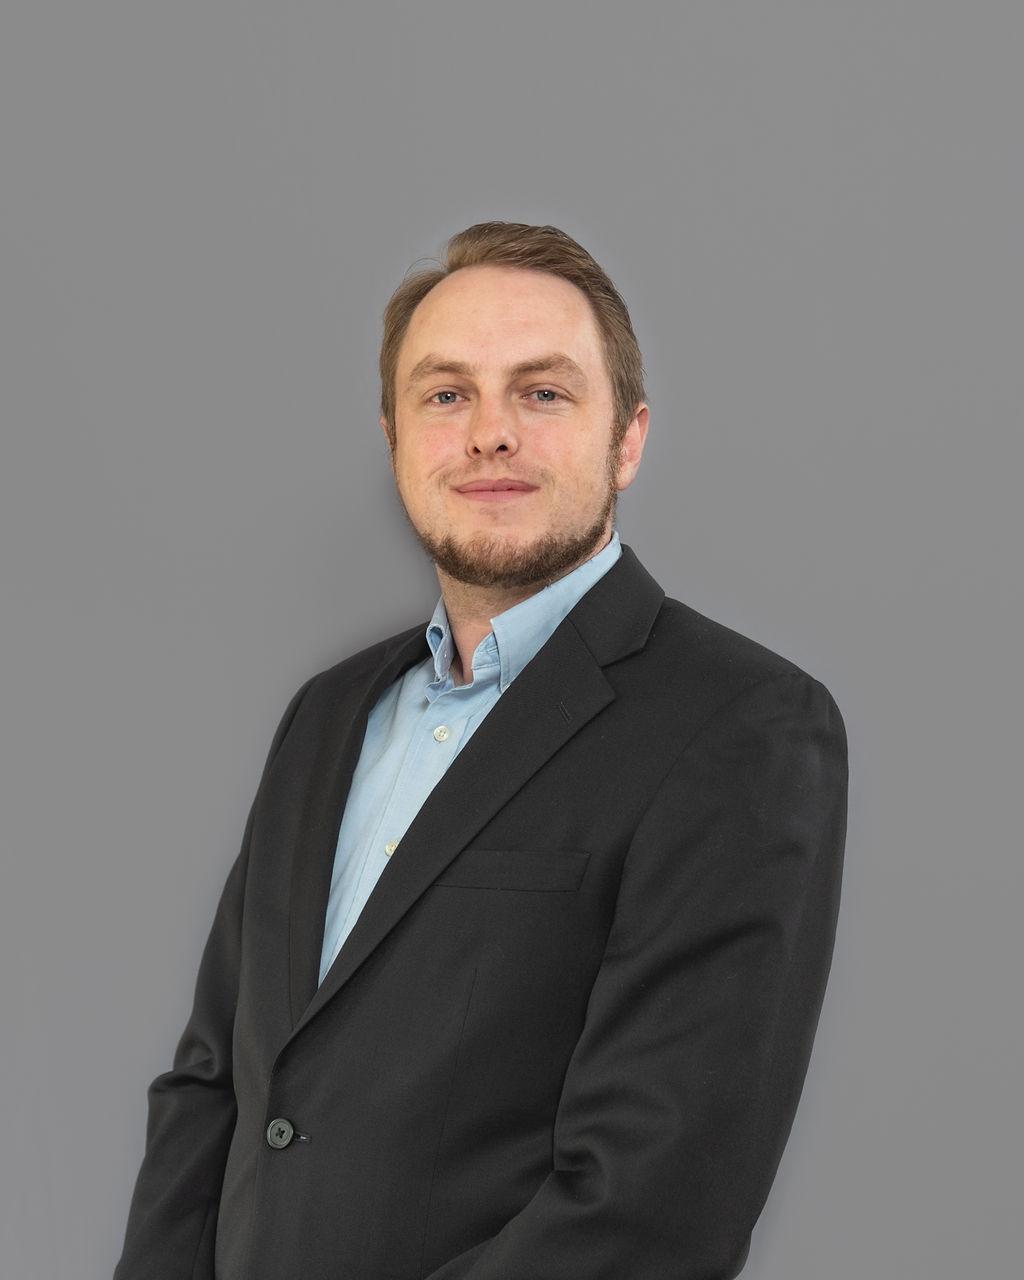 Jeremy Guidinger